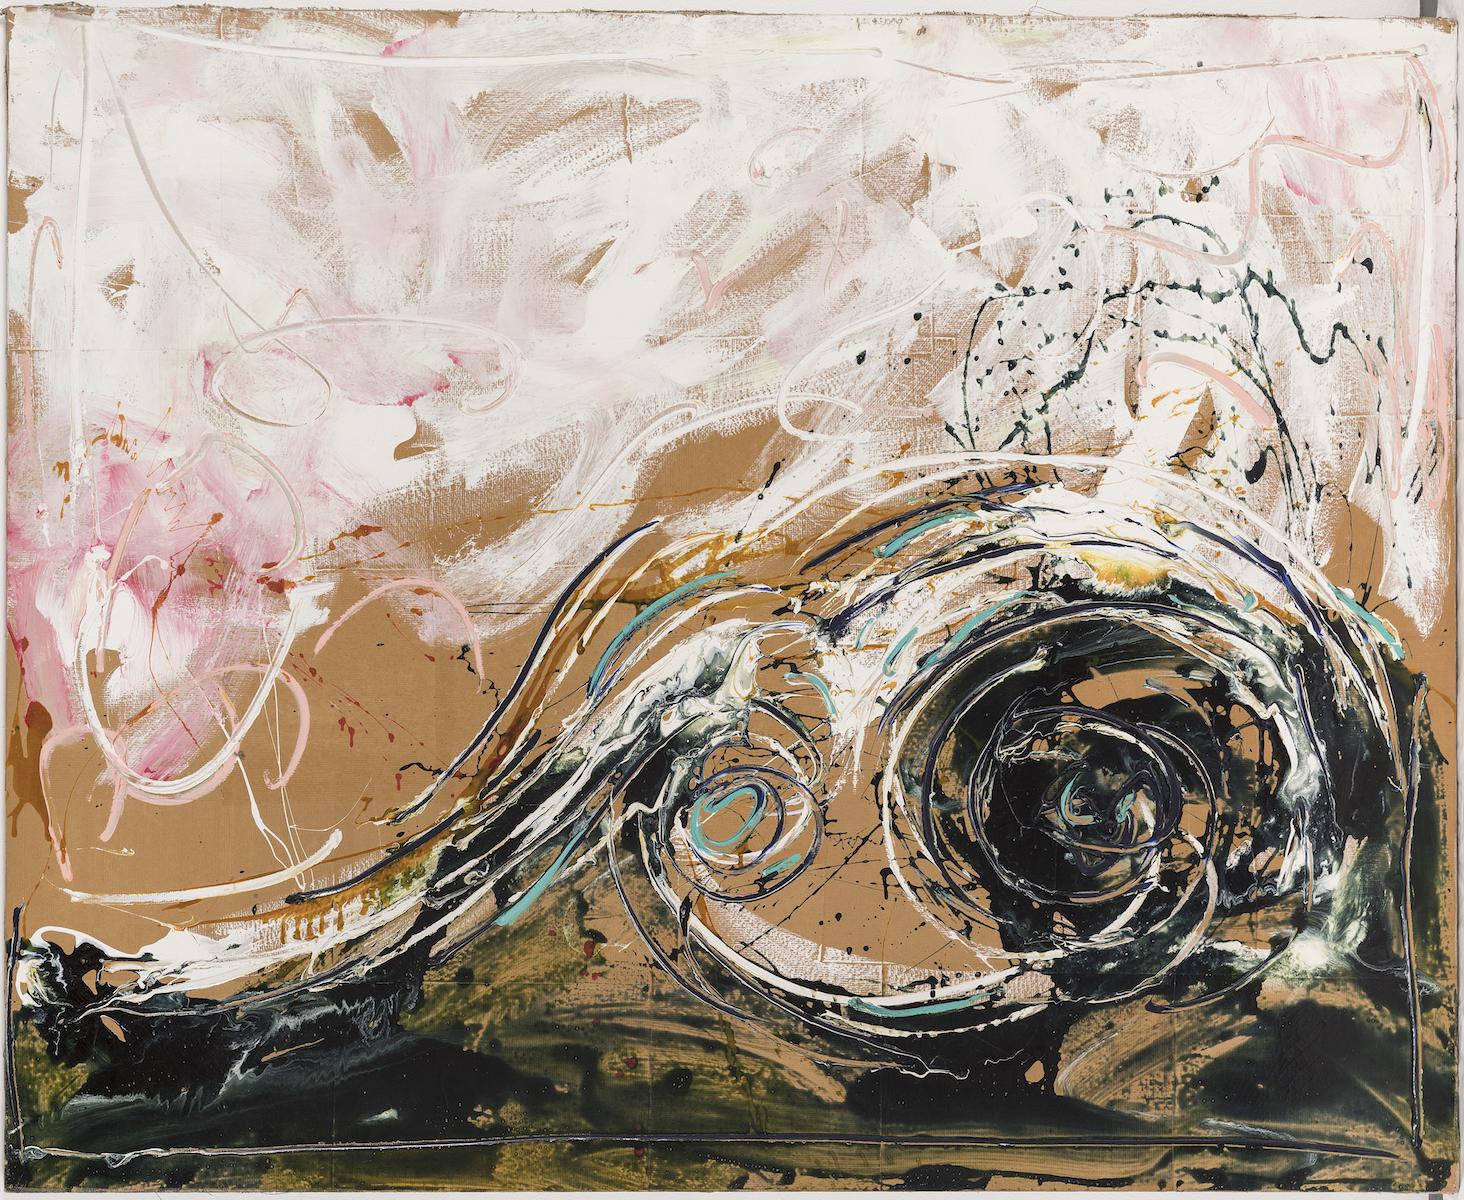 1983-84, smalto e acrilico su tela, cm 130x160